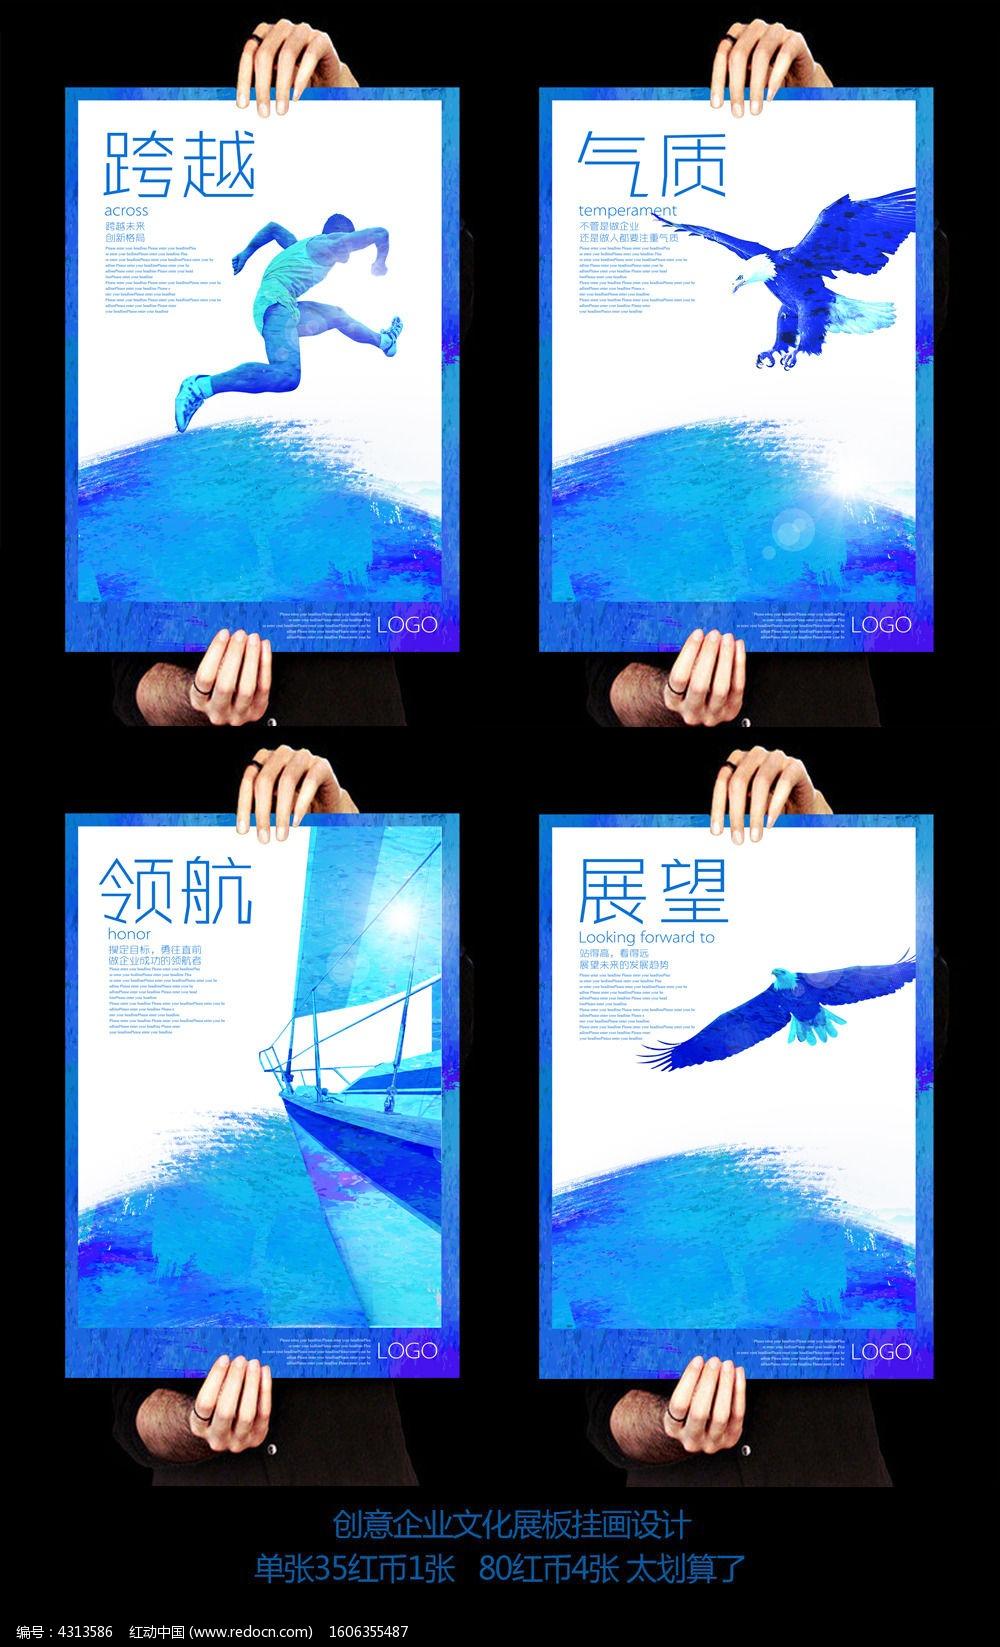 整套蓝色创意企业展板设计图片